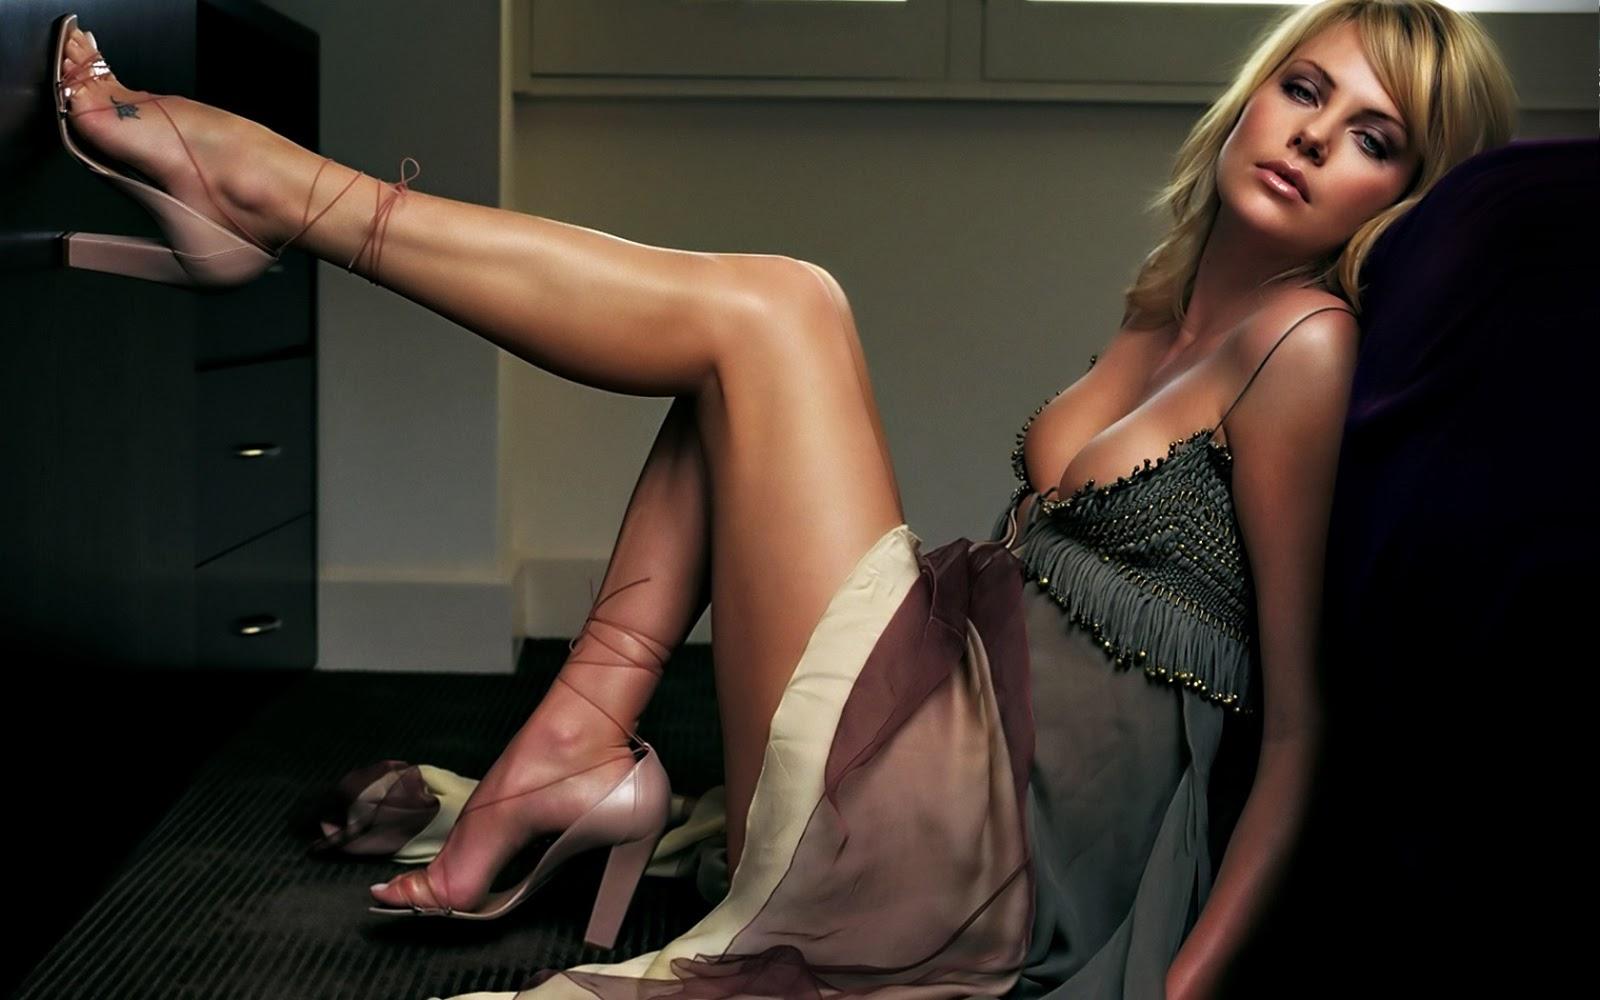 Русскую блондинку ебут трое, Трое русских парней трахают одну девушку - смотреть 12 фотография